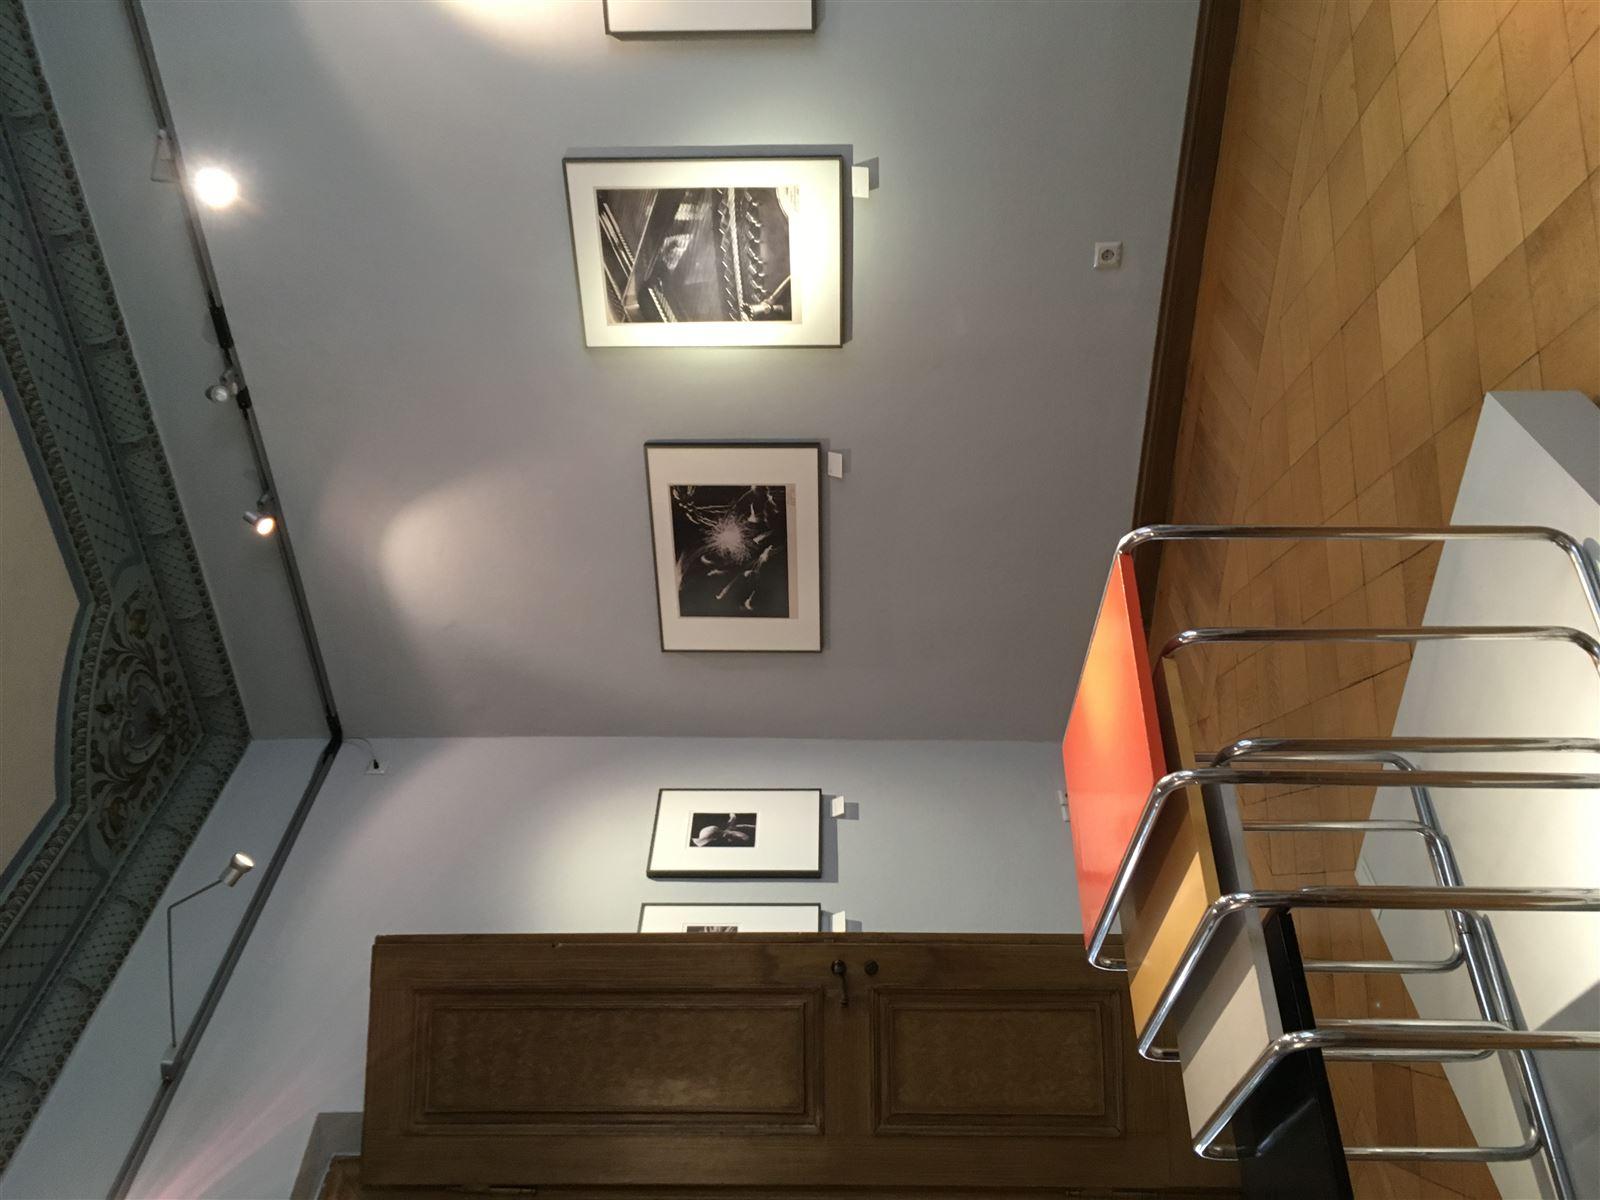 Aenne Biermann im Museum für angewandte Kunst in Gera